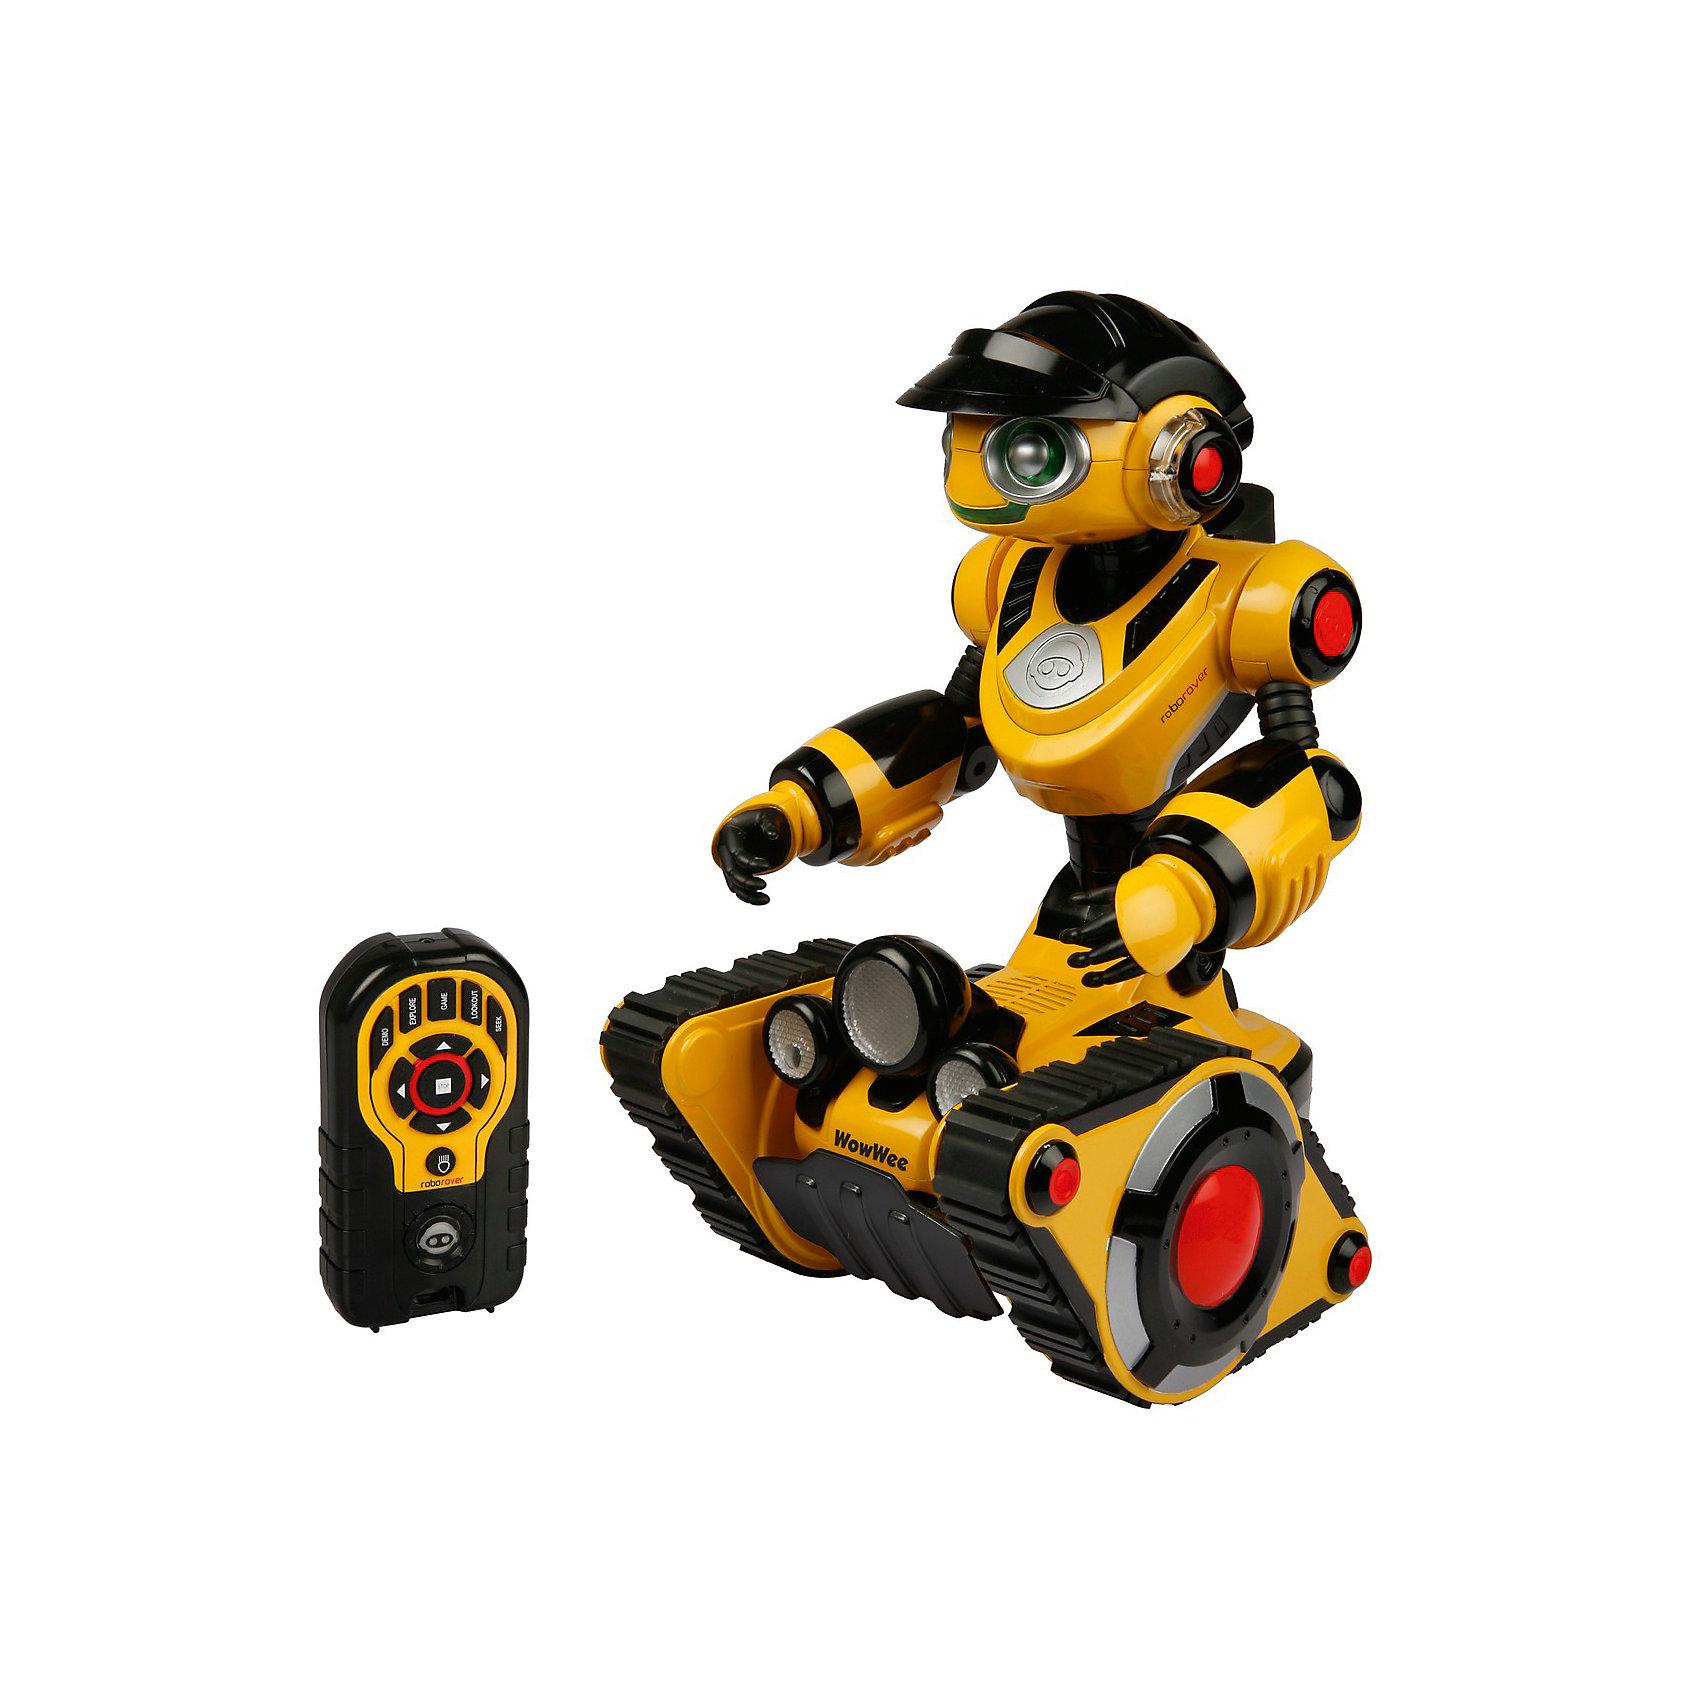 Роборовер 8515,  WowWeeМечта любого ребенка - настоящий робот, который может двигаться и выполнять команды. Роборовер 8515,  WowWee - бесстрашный путешественник на гусеничном ходу, преодолевающий любые препятствия. Робот говорит на русском языке, если на пути ему встретится что-то непонятное, он вытянется и наклонит голову на бок, как бы раздумывая, куда двигаться дальше. Настоящая фара, включающаяся с пульта ДУ осветит путь даже в темноте. Установите функцию преследования и Роборовер будет ходить за вами по пятам, не оставляя ни на минуту. Робот имеет подвижные руки, а глаза и рот во время разговоров весело мигают подсветкой мимики. Чем больше времени вы проводите со своим роботом, тем больше он привыкает к вам, становится разговорчивым и открытым (режим личности). <br><br>Дополнительная информация:<br><br>- Материал: пластик, металл.<br>- Высота: 35 см.<br>- Говорит по-русски.<br>- Режим сторожа.<br>- Режим преследования.<br>- Функция исследования.<br>- Подвижные руки.<br>- На гусеничном ходу, объезжает препятствия.<br>- Управление с пульта ДУ.<br>- Элемент питания: для робота - 4 батарейки С; для пульта ДУ 3 батарейки ААА ( не входят в комплект).<br>- Звуковые эффекты.<br>- Световые эффекты. <br>- Комплектация: робот, пульт управления, инструкция.<br><br>Роборовера 8515,  WowWee можно купить в нашем магазине.<br><br>Ширина мм: 280<br>Глубина мм: 300<br>Высота мм: 400<br>Вес г: 3100<br>Возраст от месяцев: 72<br>Возраст до месяцев: 144<br>Пол: Мужской<br>Возраст: Детский<br>SKU: 4018274